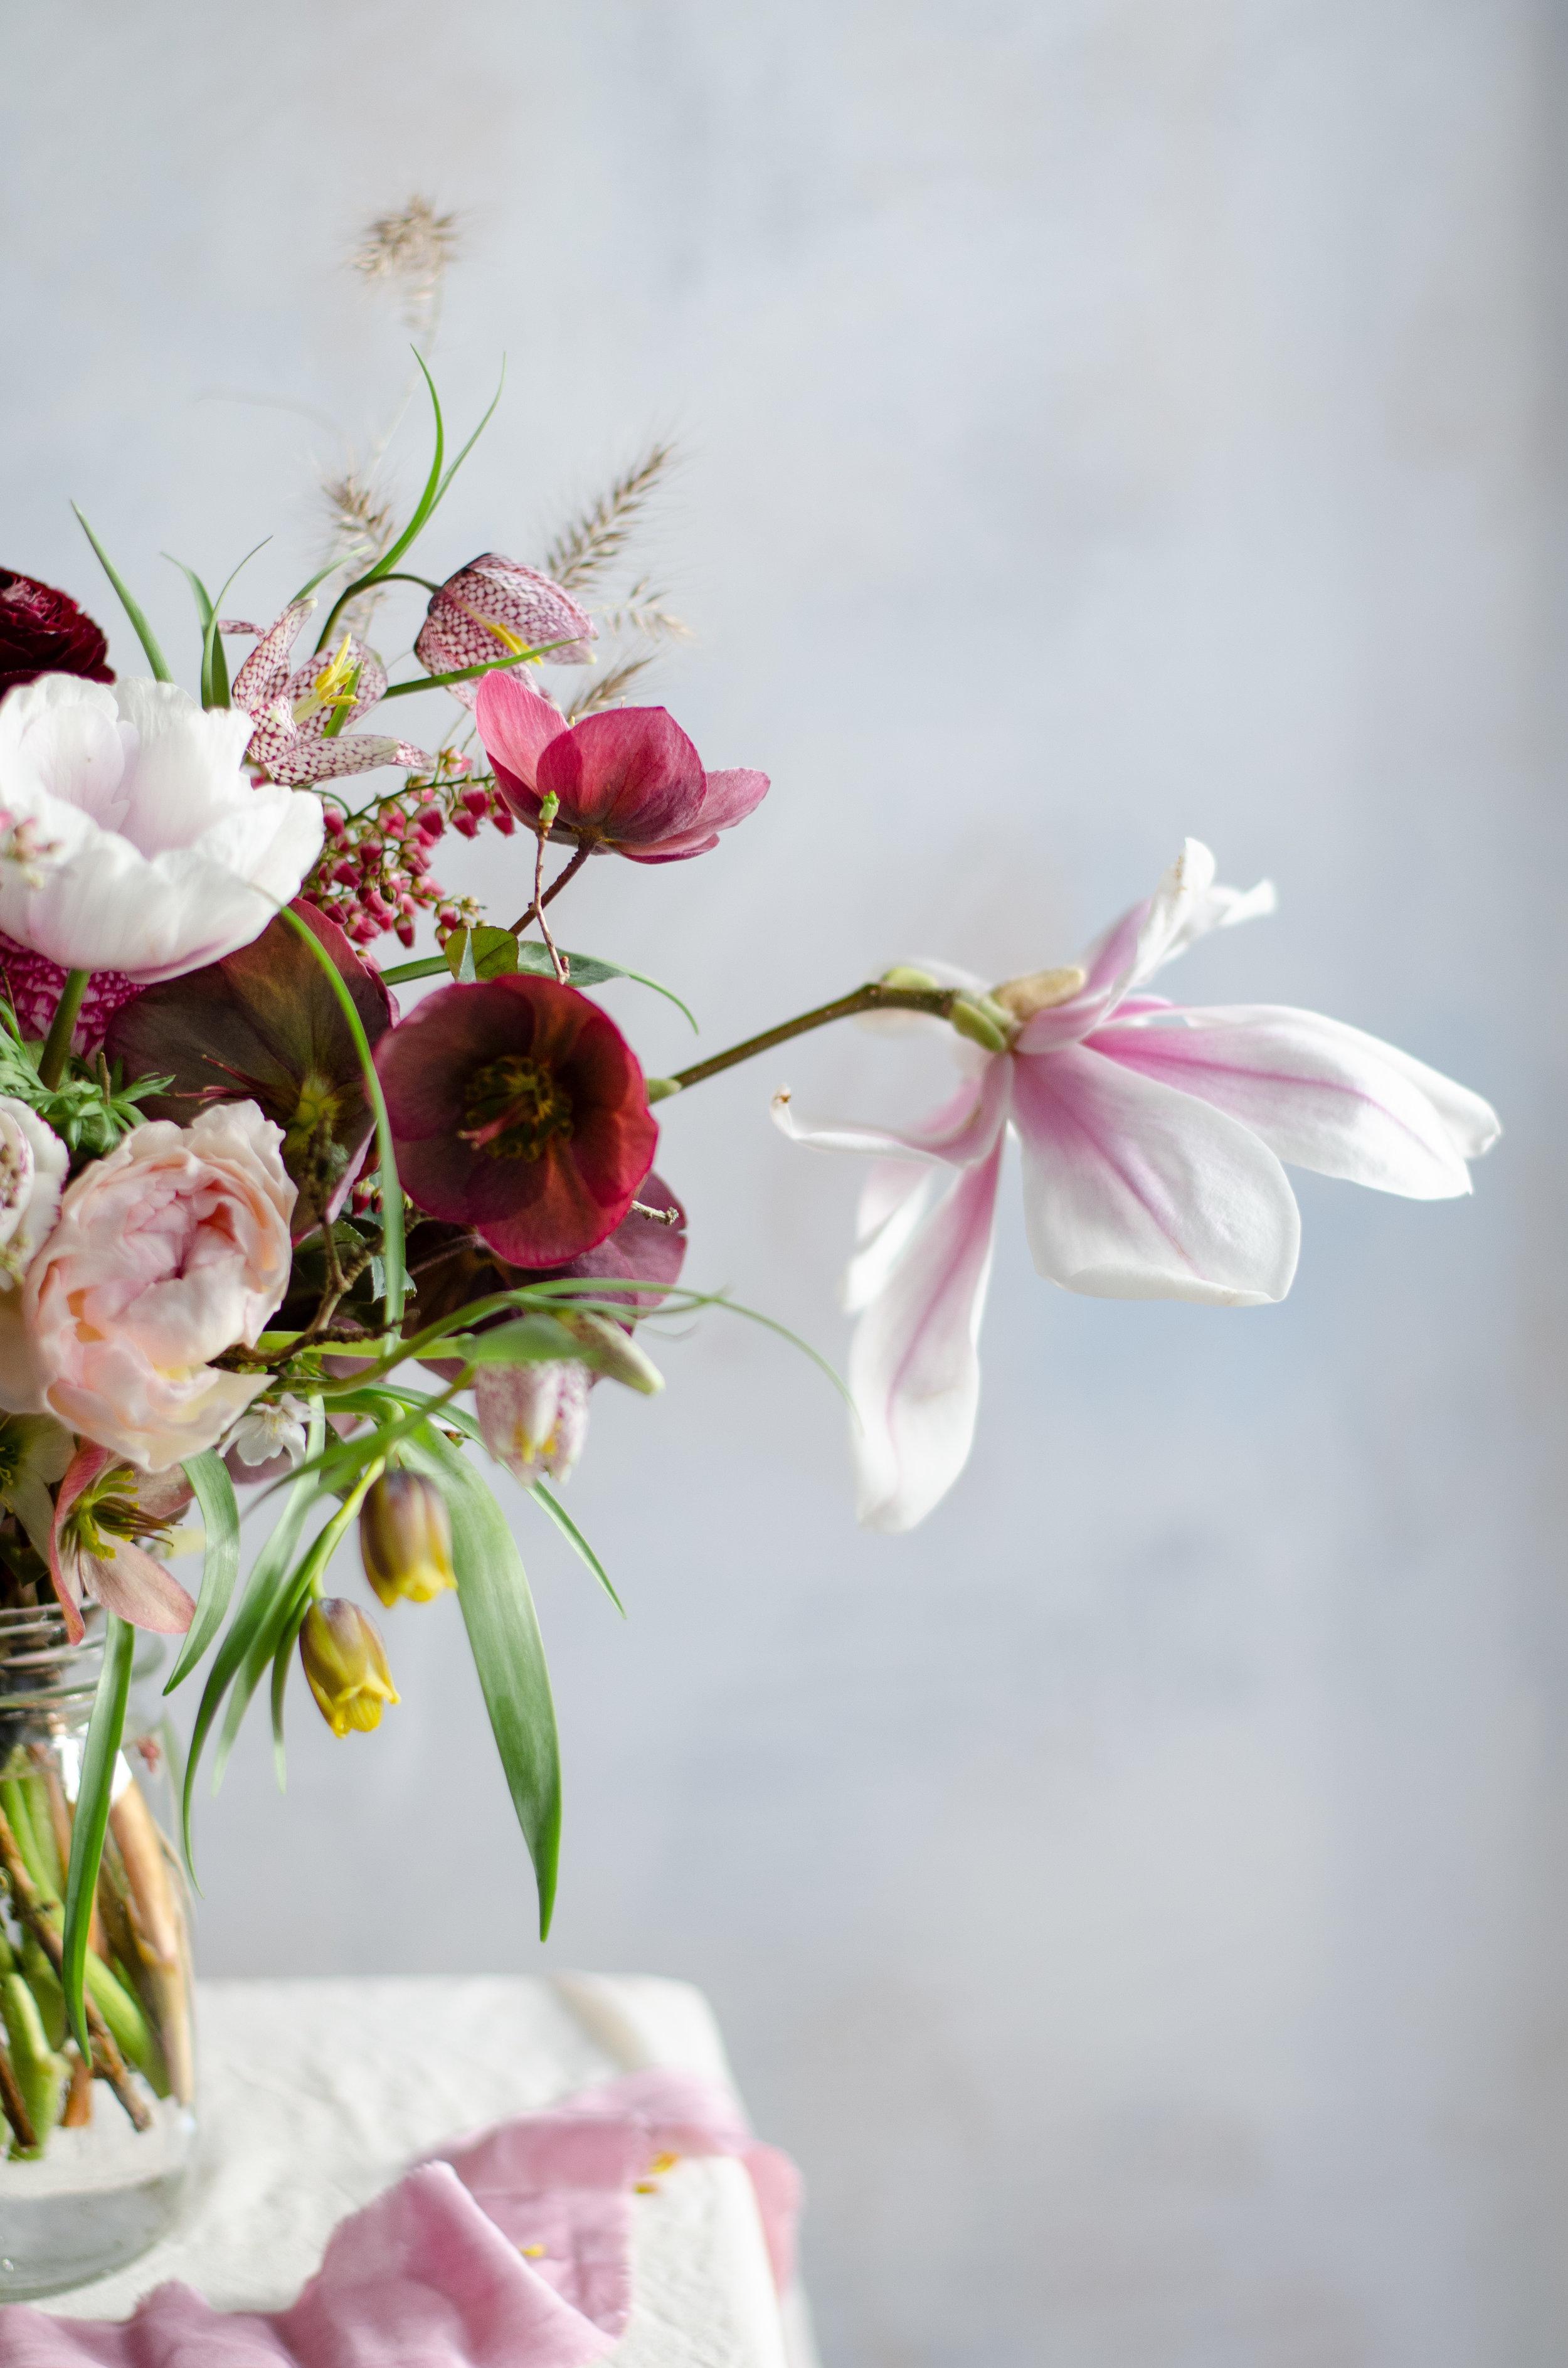 Florals - Jo Game | Image - Brigitte Girling